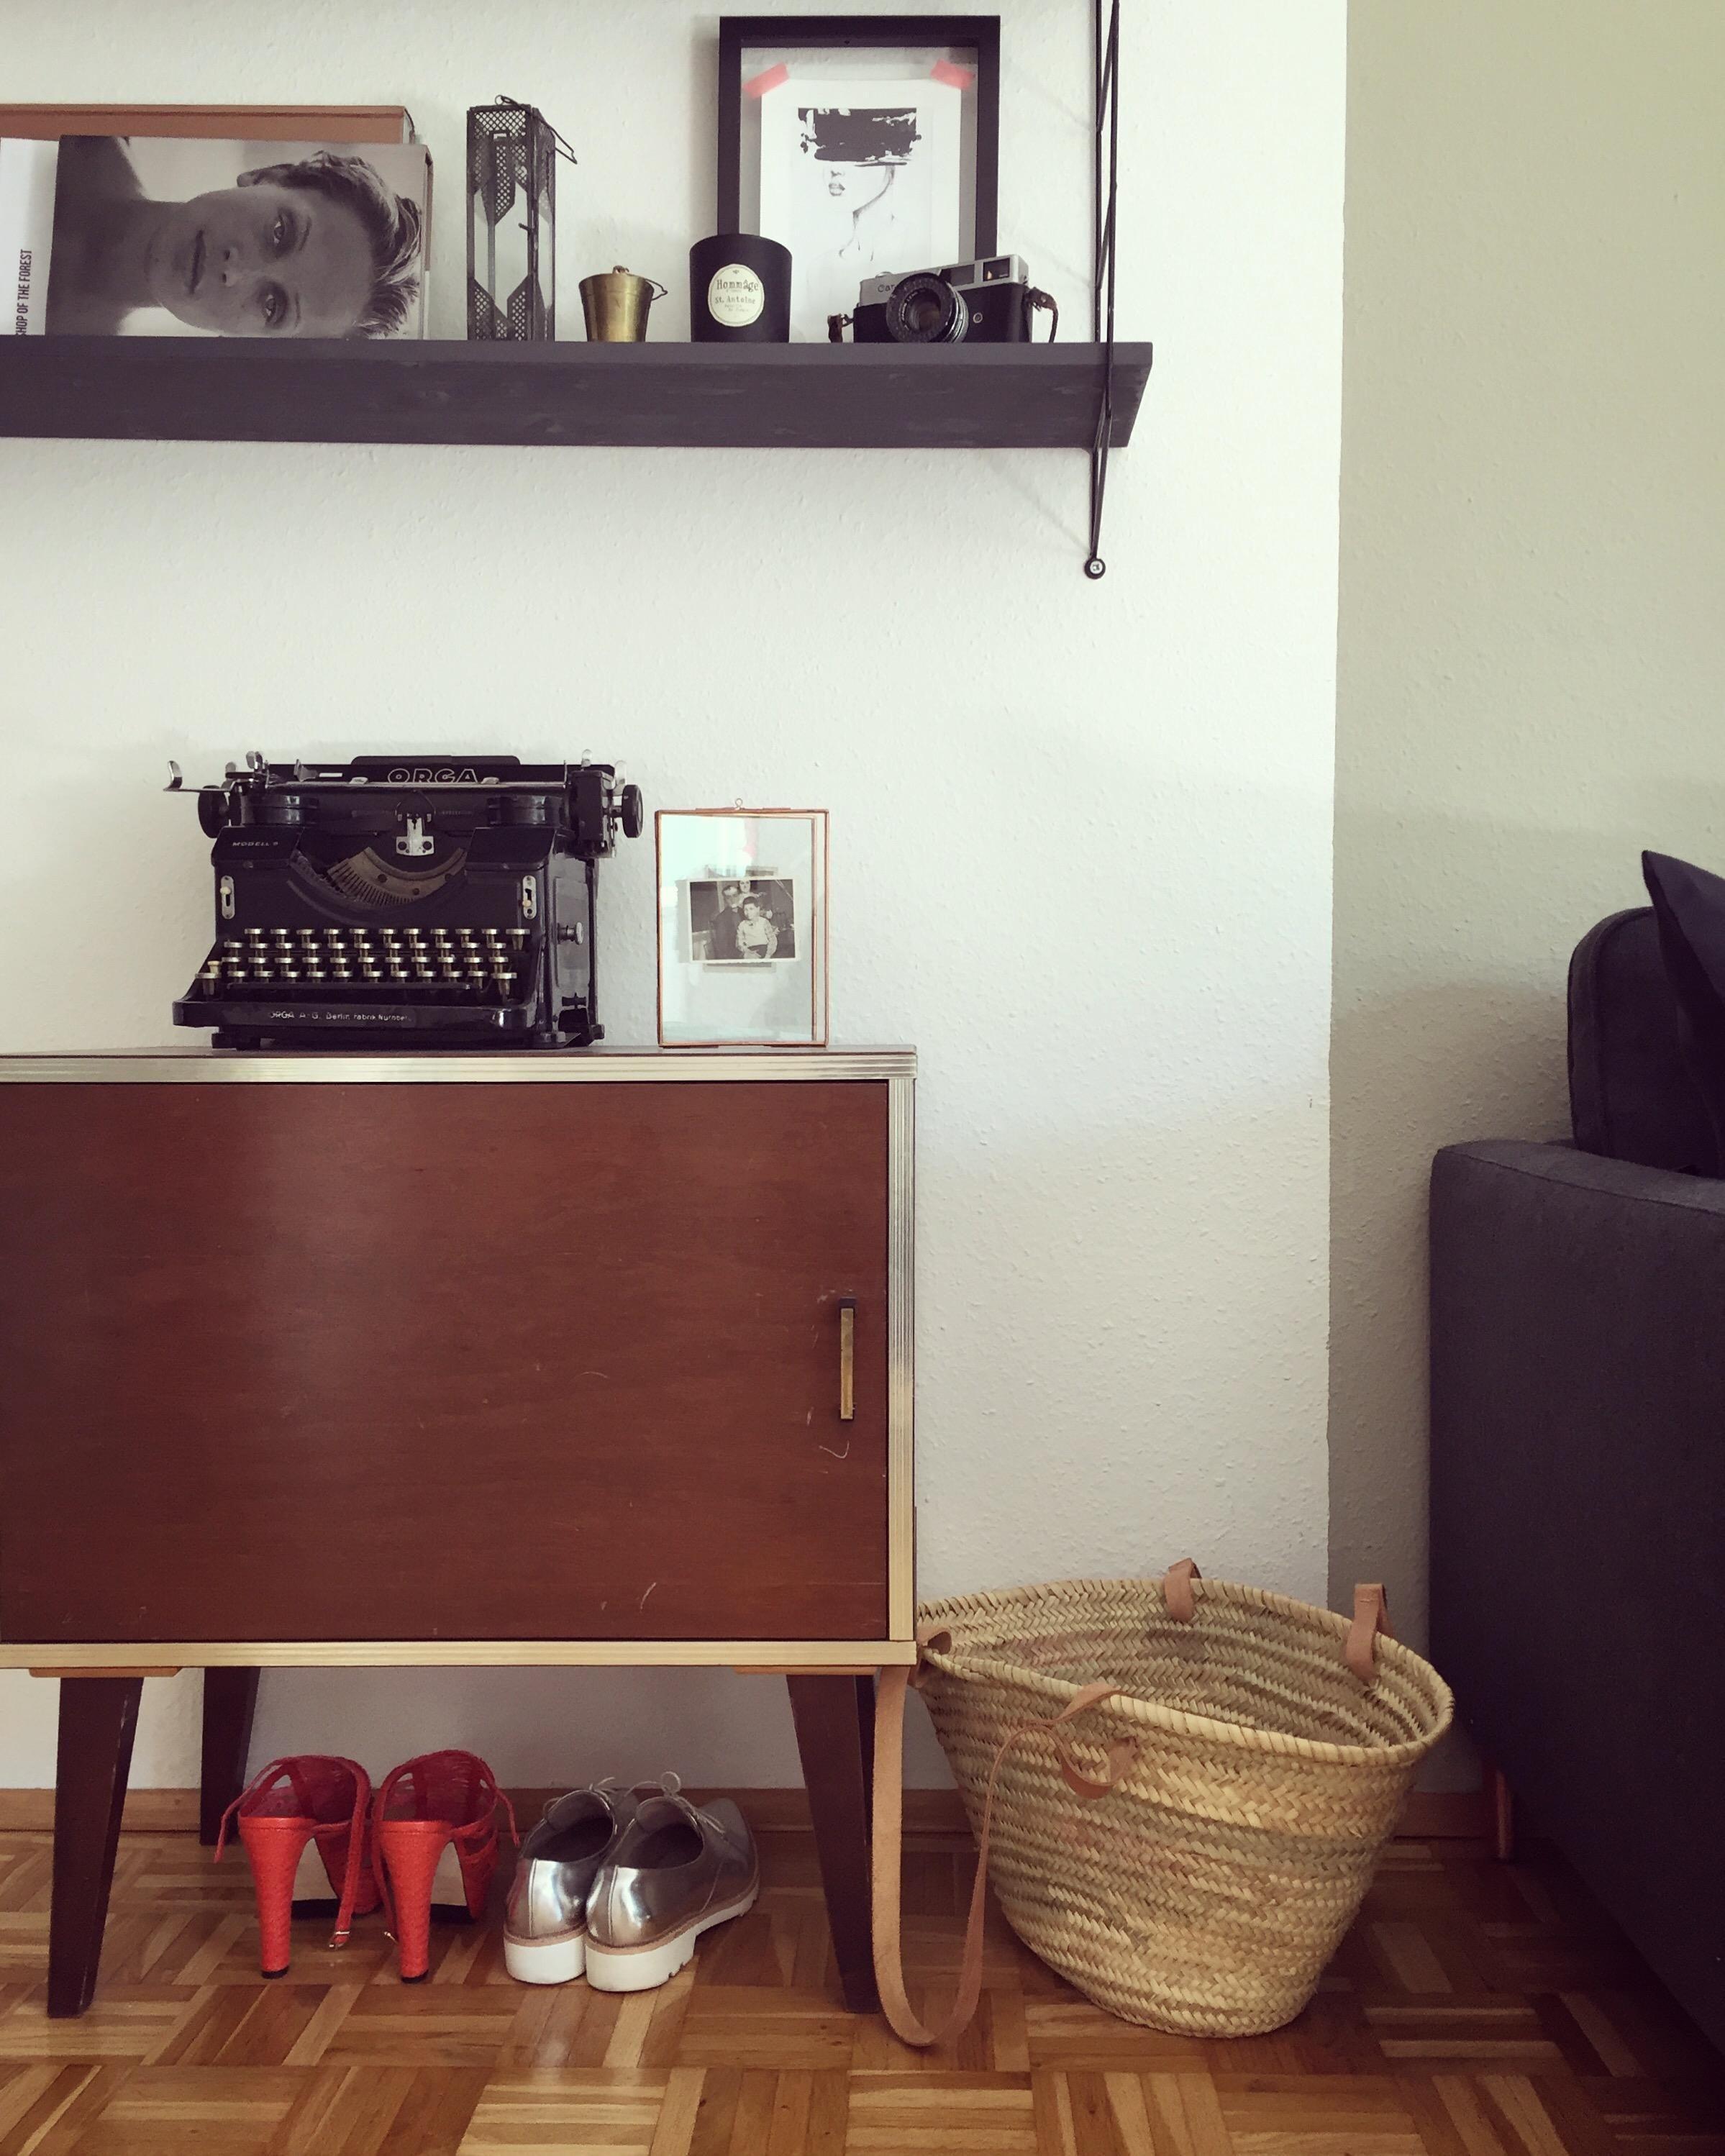 Die Mischung Aus Alt Neu Couchliebt Vintage Moebel Interieur Wohnzimmer  Stauraum Altundneu Dekoration A92a5d4f B518 41b8